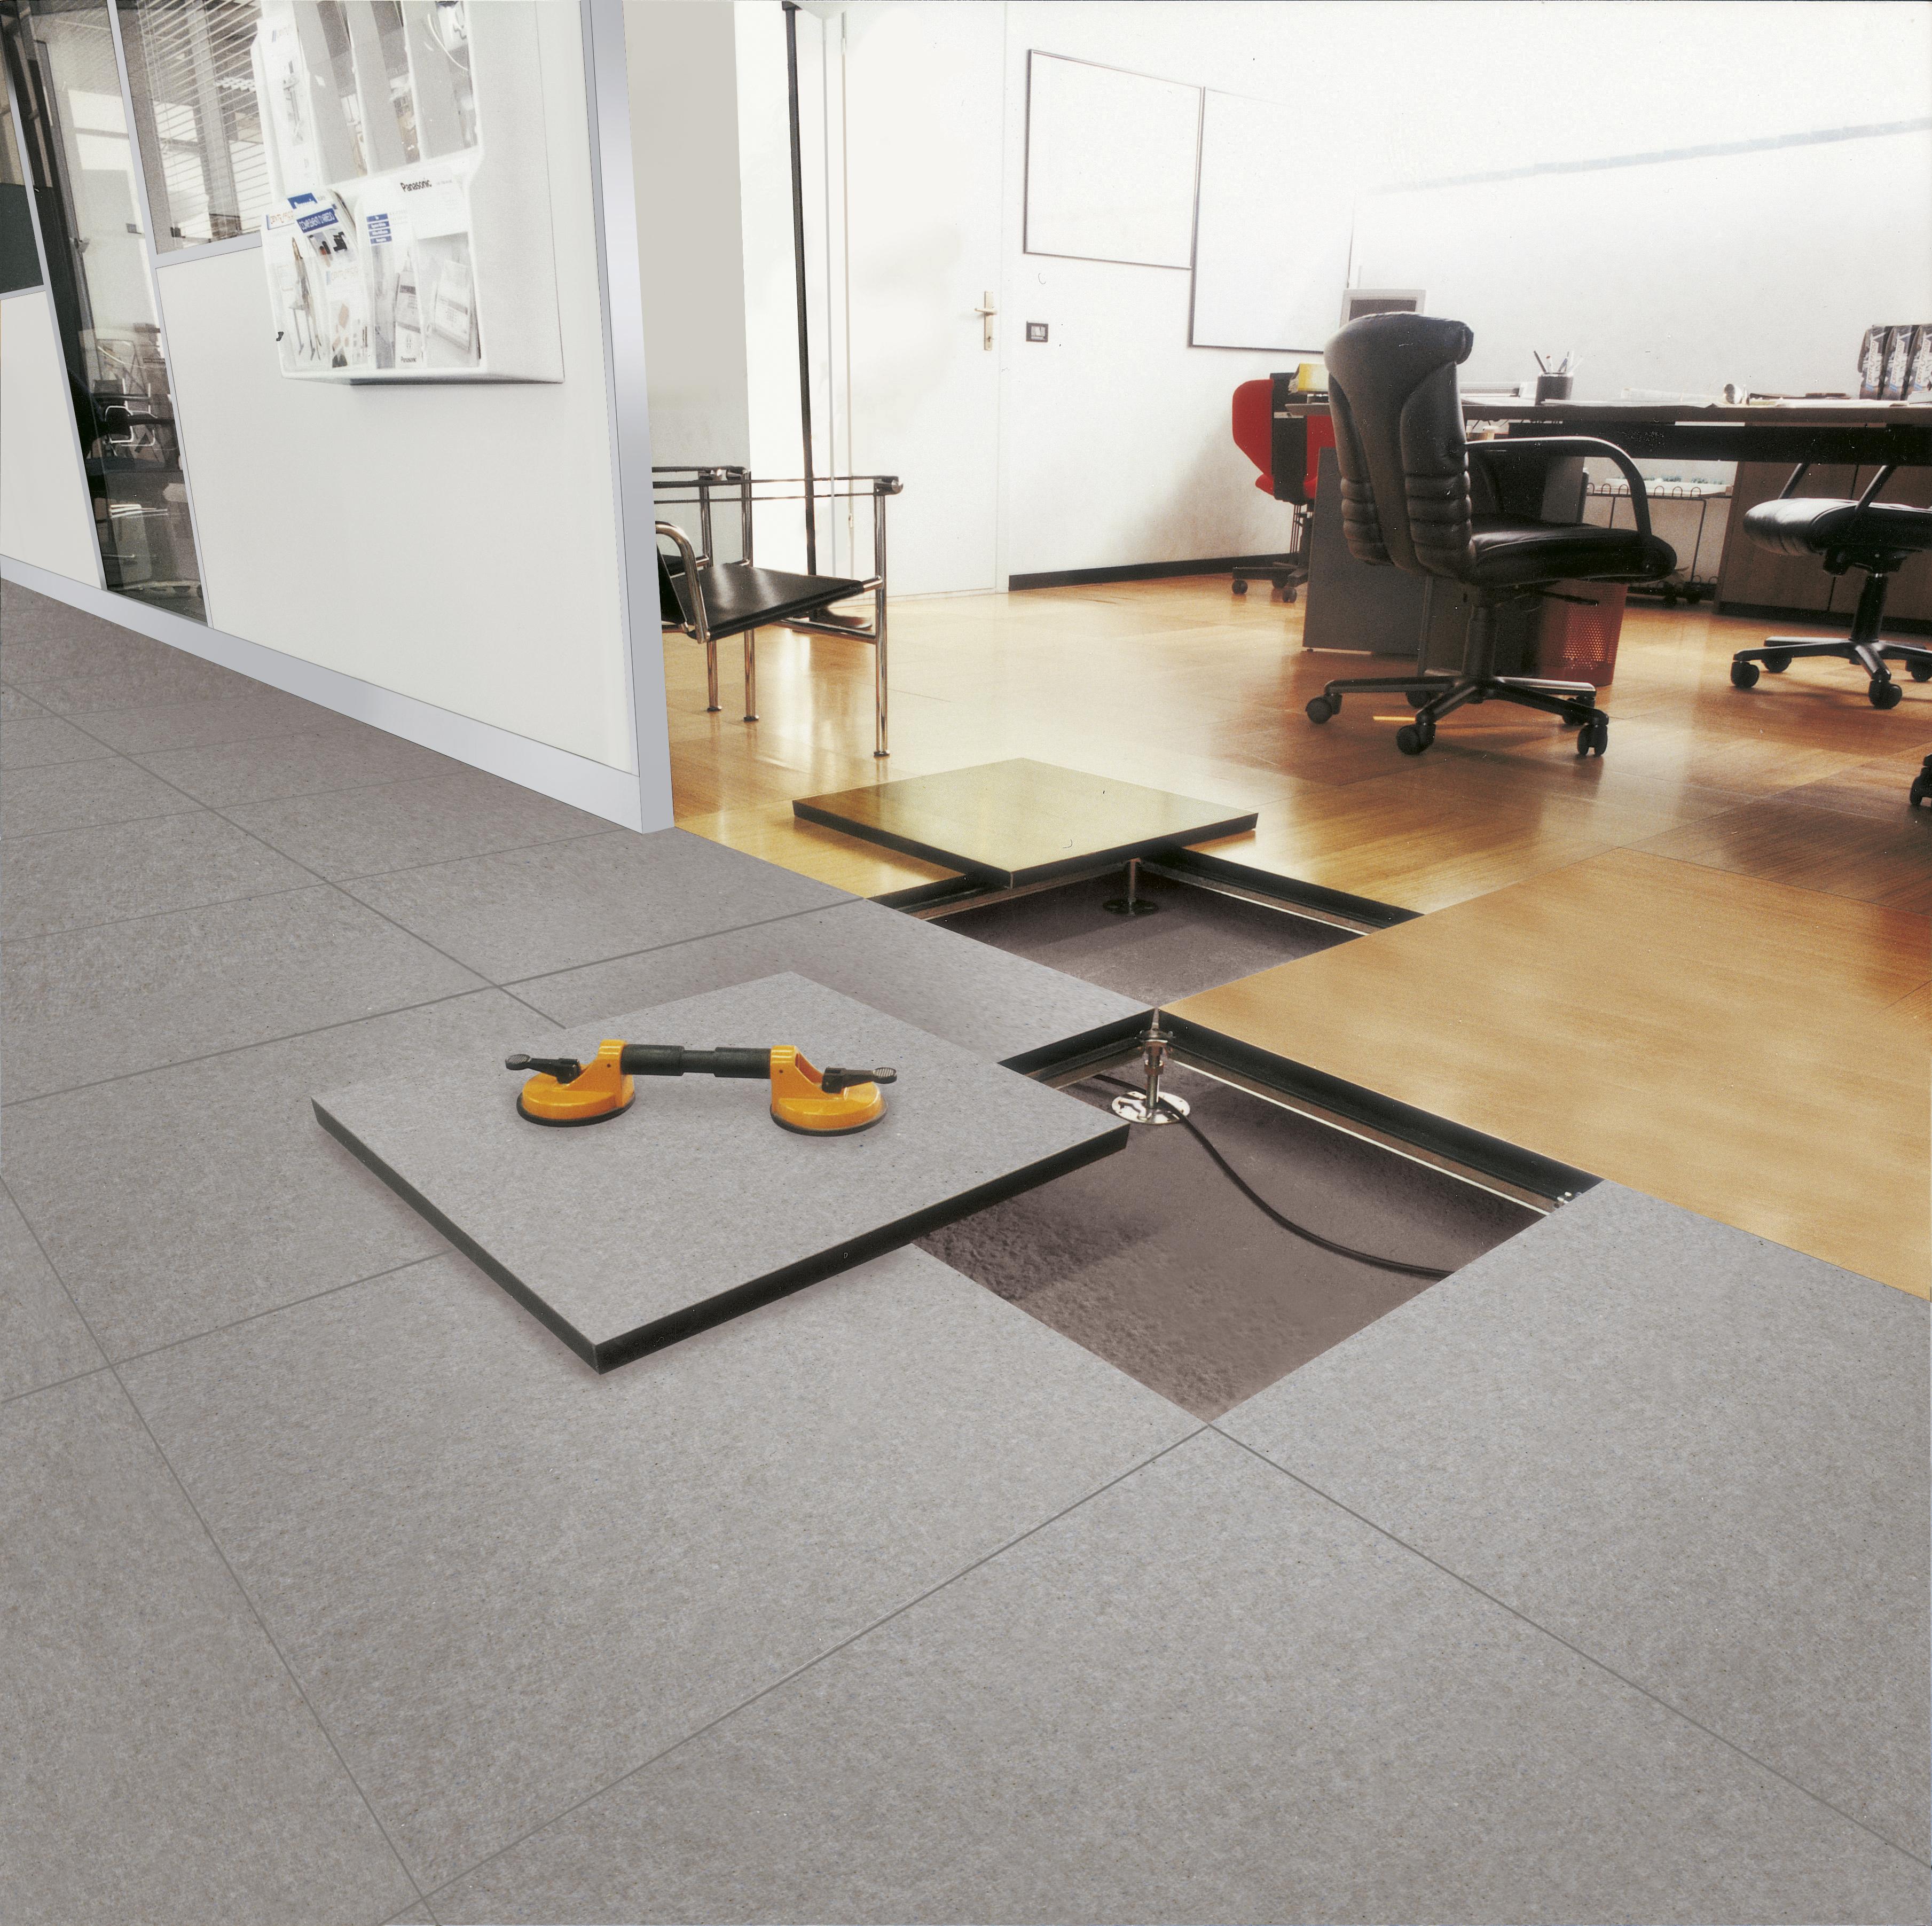 Pavimenti sopraelevati centrufficio - Nuovi pavimenti per interni ...